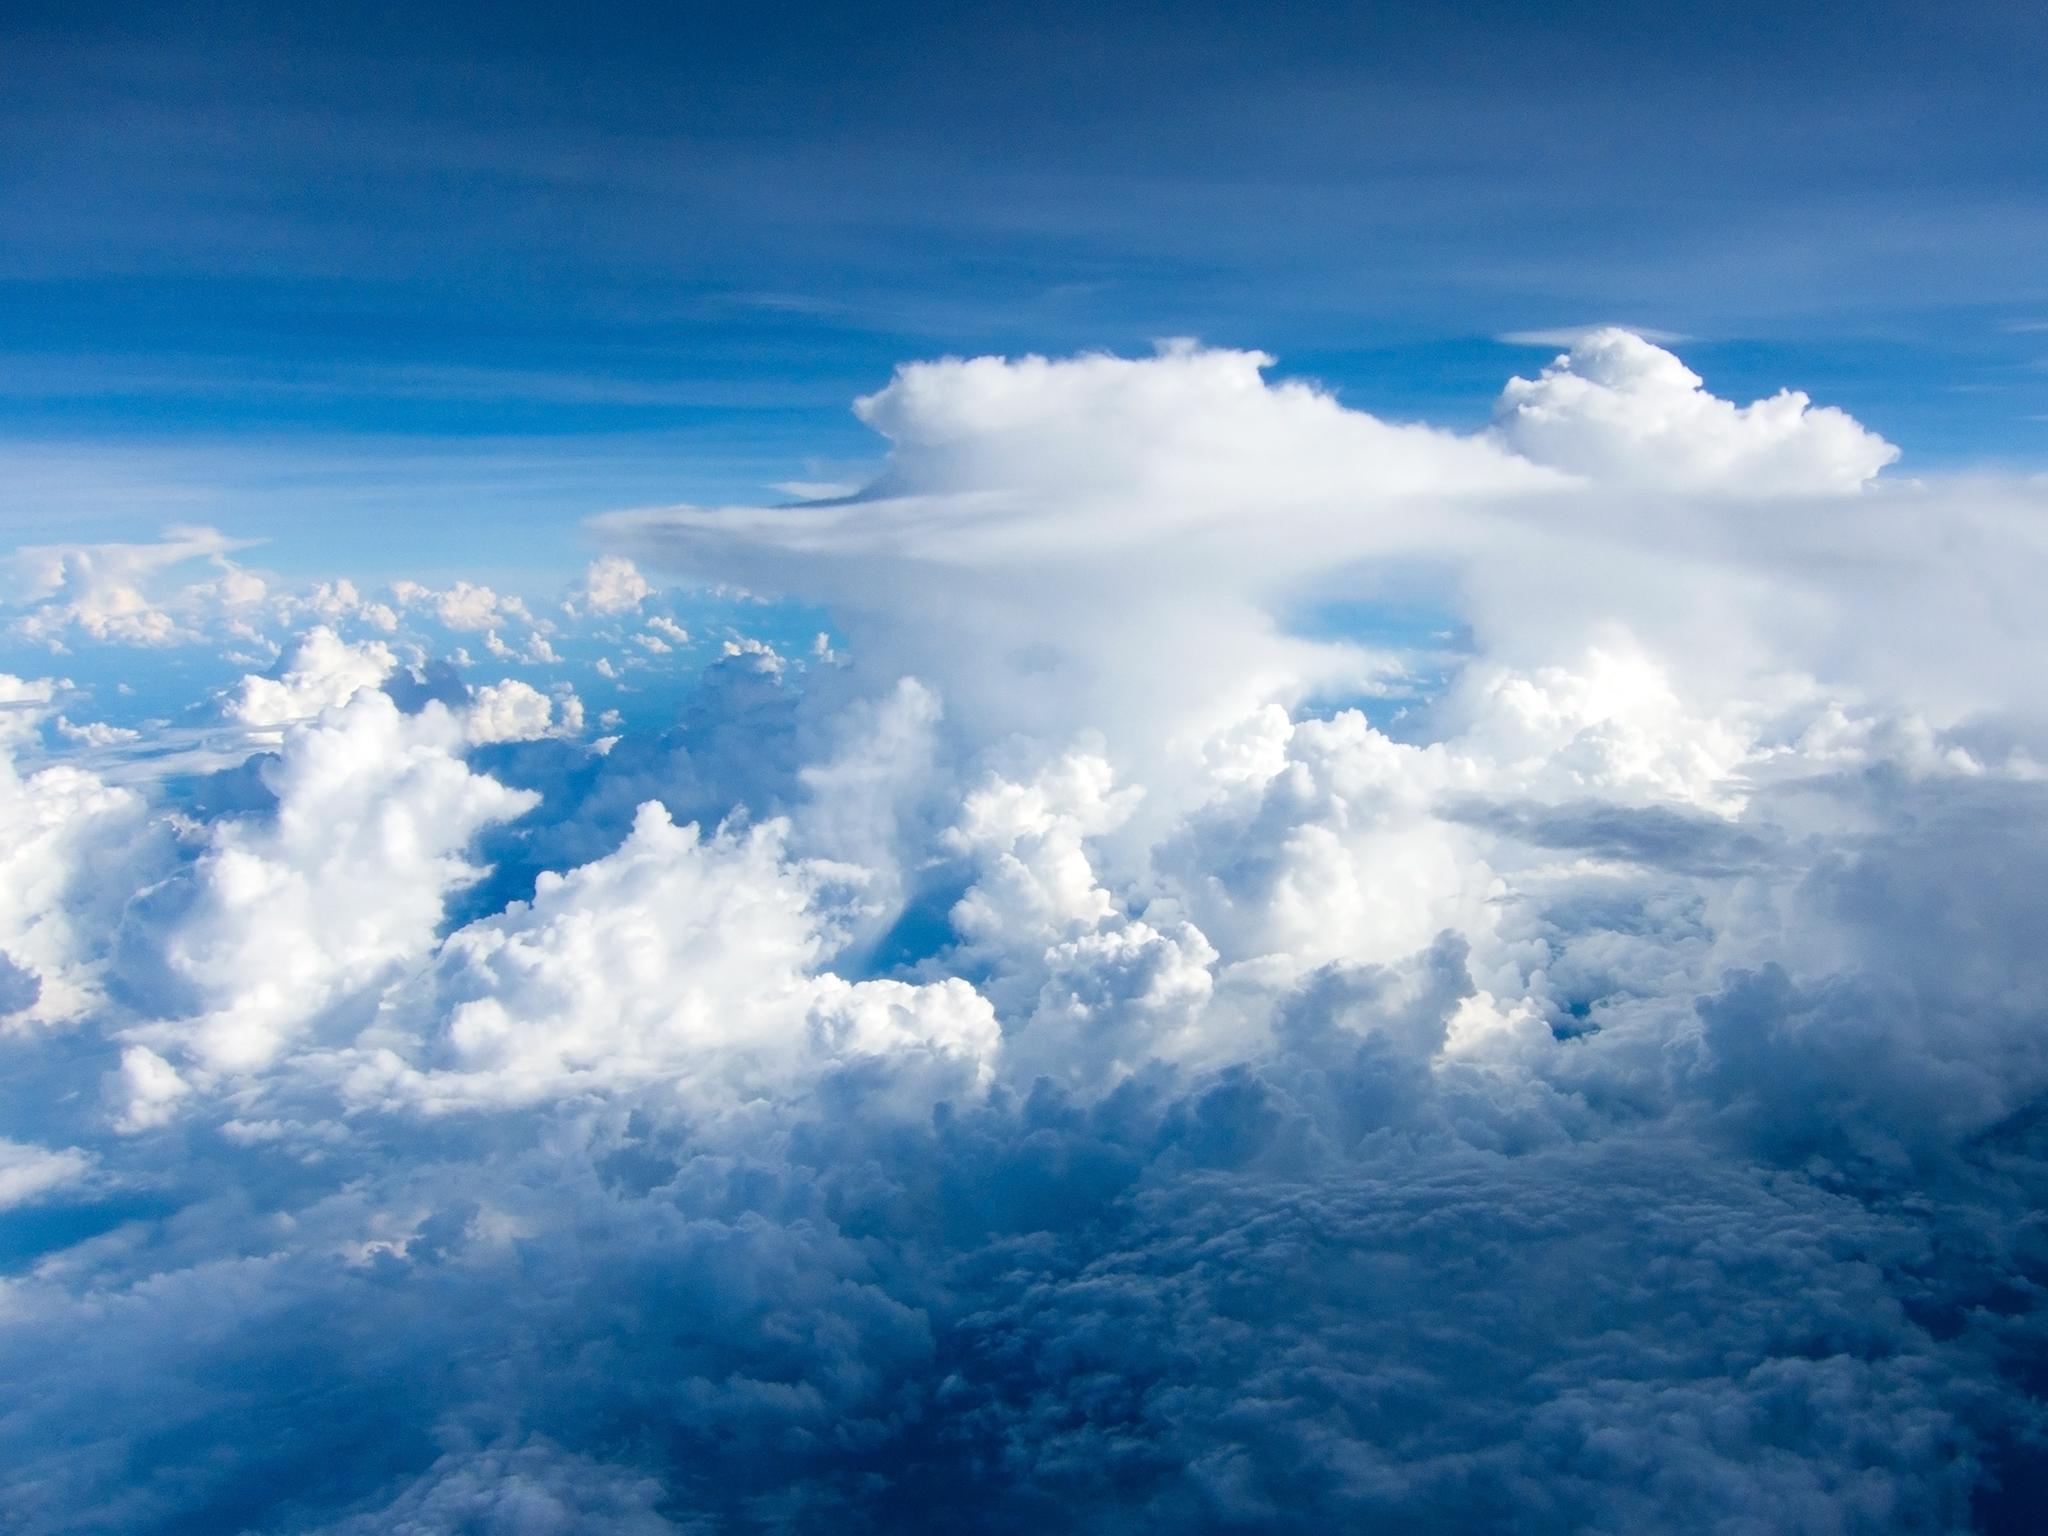 идея освежить бескрайнее небо картинки что